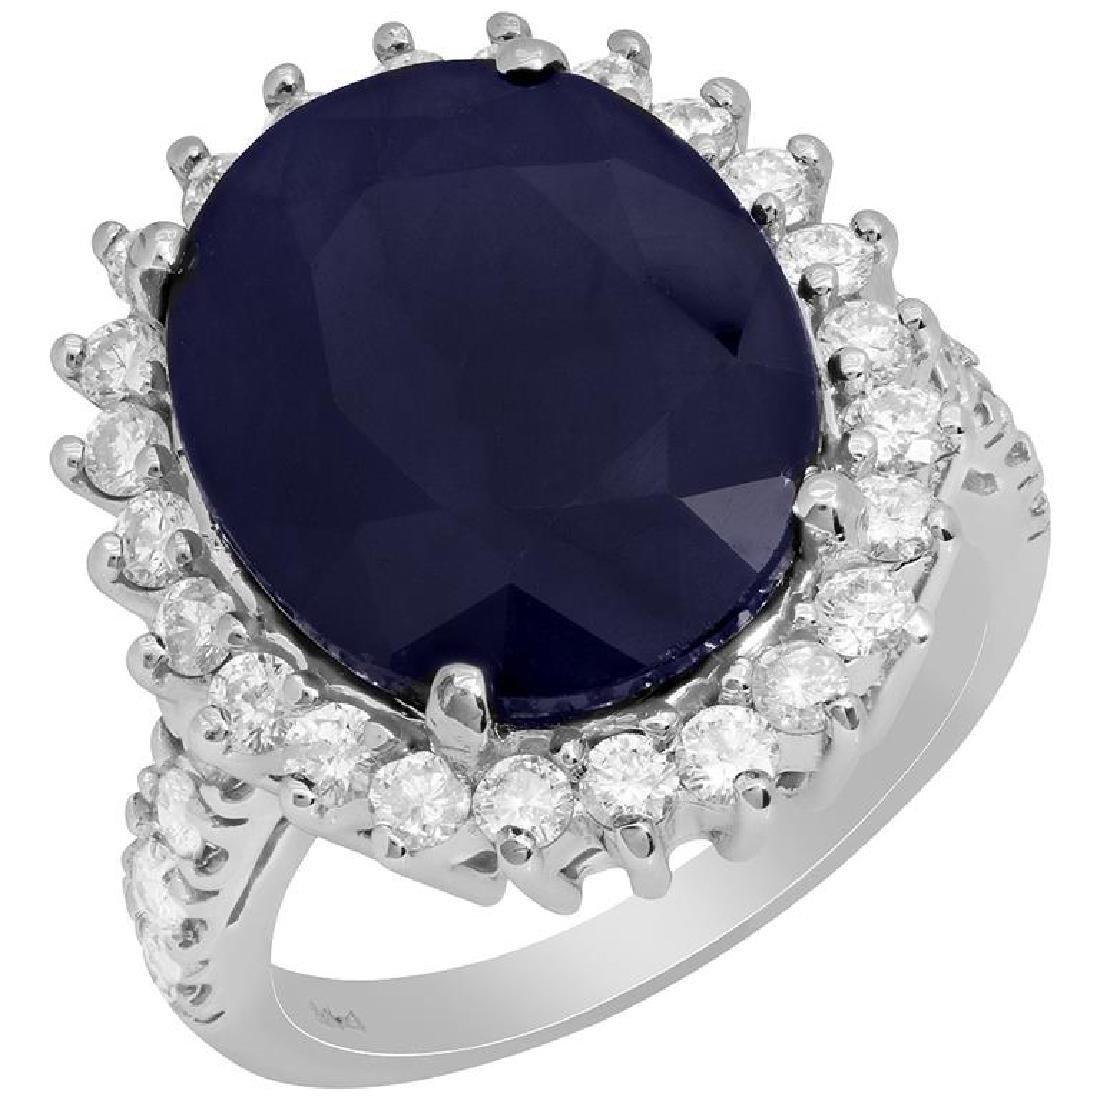 14k White Gold 11.91ct Sapphire 1.08ct Diamond Ring